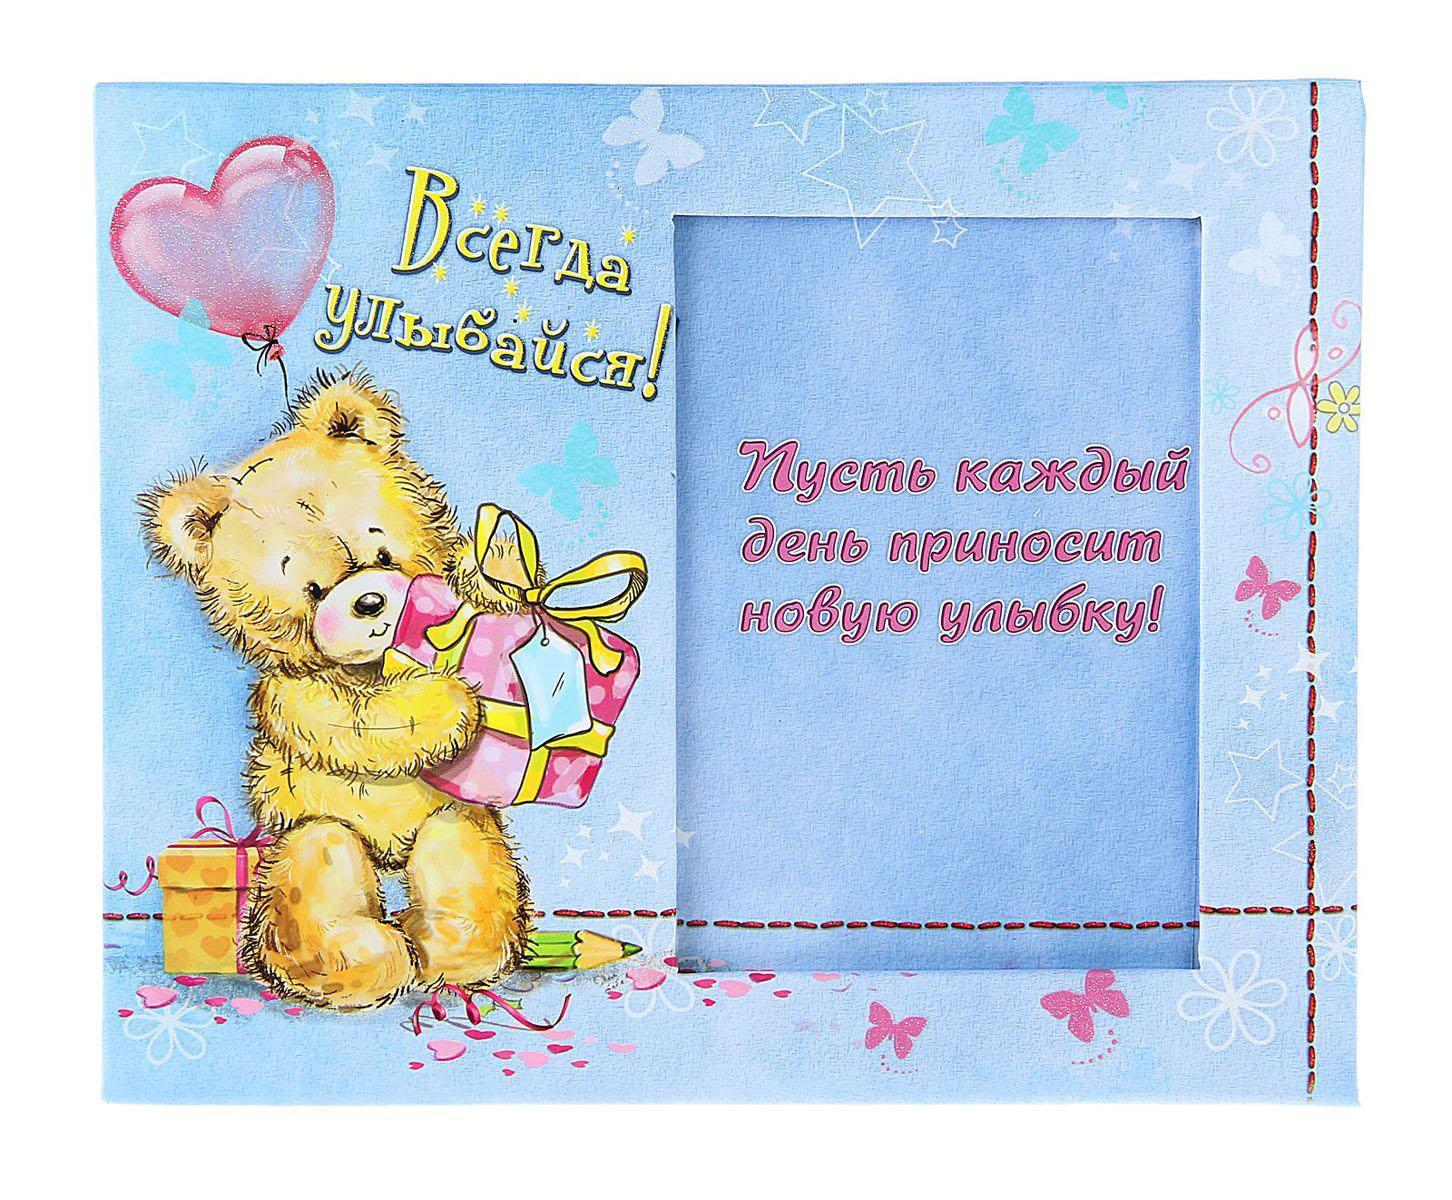 Фоторамка Sima-land Всегда улыбайся!, 8,5 х 12,5 см 662804662804Декоративная фоторамка Sima-land Всегда улыбайся! выполнена из картона и декорирована изображением плюшевого медведя с подарками и шариком. Рамка также оформлена надписью с пожеланиями. Обратная сторона рамки оснащена специальной ножкой, благодаря которой ее можно поставить на стол или любое другое место в доме или офисе. Такая фоторамка украсит ваш интерьер оригинальным образом, а также позволит сохранить память о дорогих вам людях и интересных событиях вашей жизни. С ней вы сможете не просто внести в интерьер своего дома элемент оригинальности, но и создать атмосферу загадочности и изысканности.